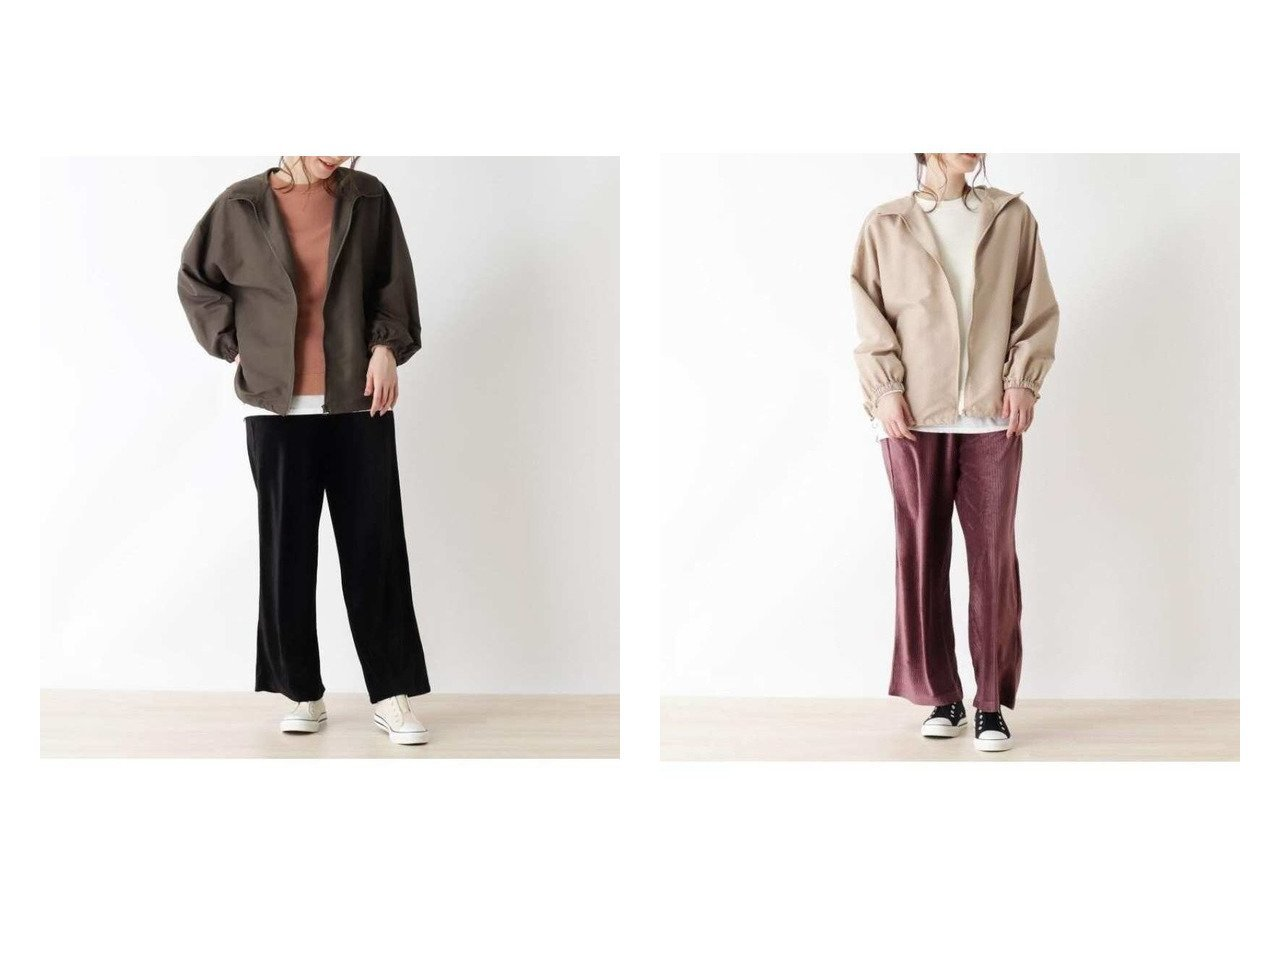 【SHOO LA RUE/シューラルー】の【3点セット】ブルゾン+裏起毛トレーナー+リブベロアパンツ パンツのおすすめ!人気、トレンド・レディースファッションの通販 おすすめで人気の流行・トレンド、ファッションの通販商品 メンズファッション・キッズファッション・インテリア・家具・レディースファッション・服の通販 founy(ファニー) https://founy.com/ ファッション Fashion レディースファッション WOMEN アウター Coat Outerwear ブルゾン Blouson Jackets インナー チュニック トレンド トレーナー ブルゾン プリーツ ベロア ポケット ロング 春 Spring |ID:crp329100000014422